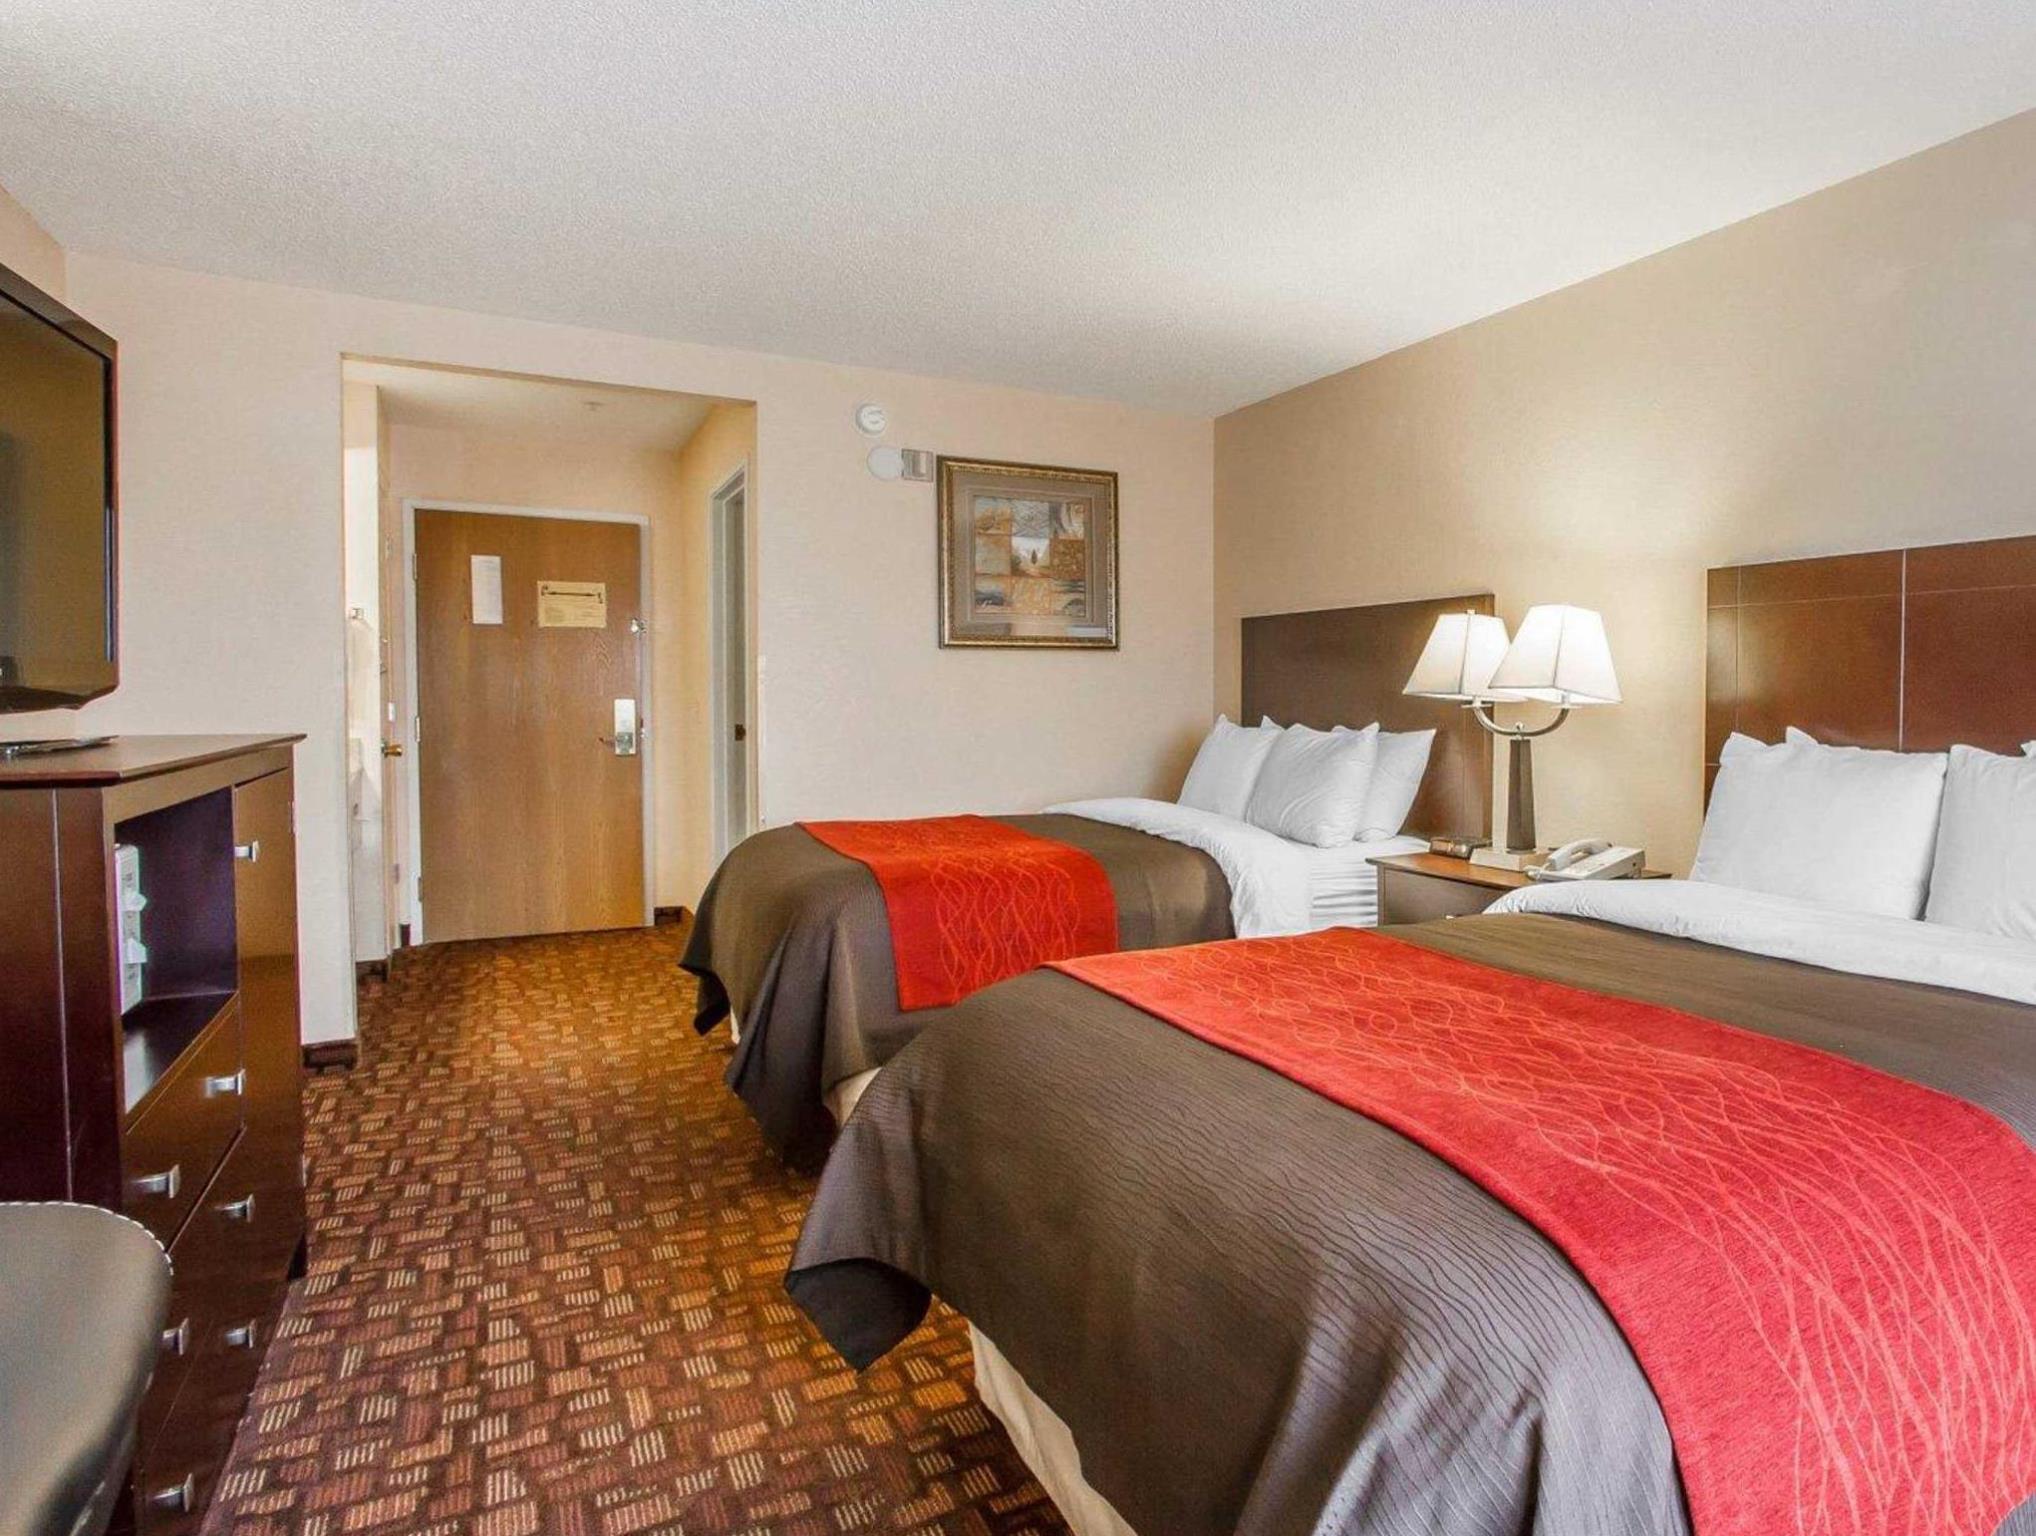 Comfort Inn & Suites, Pima